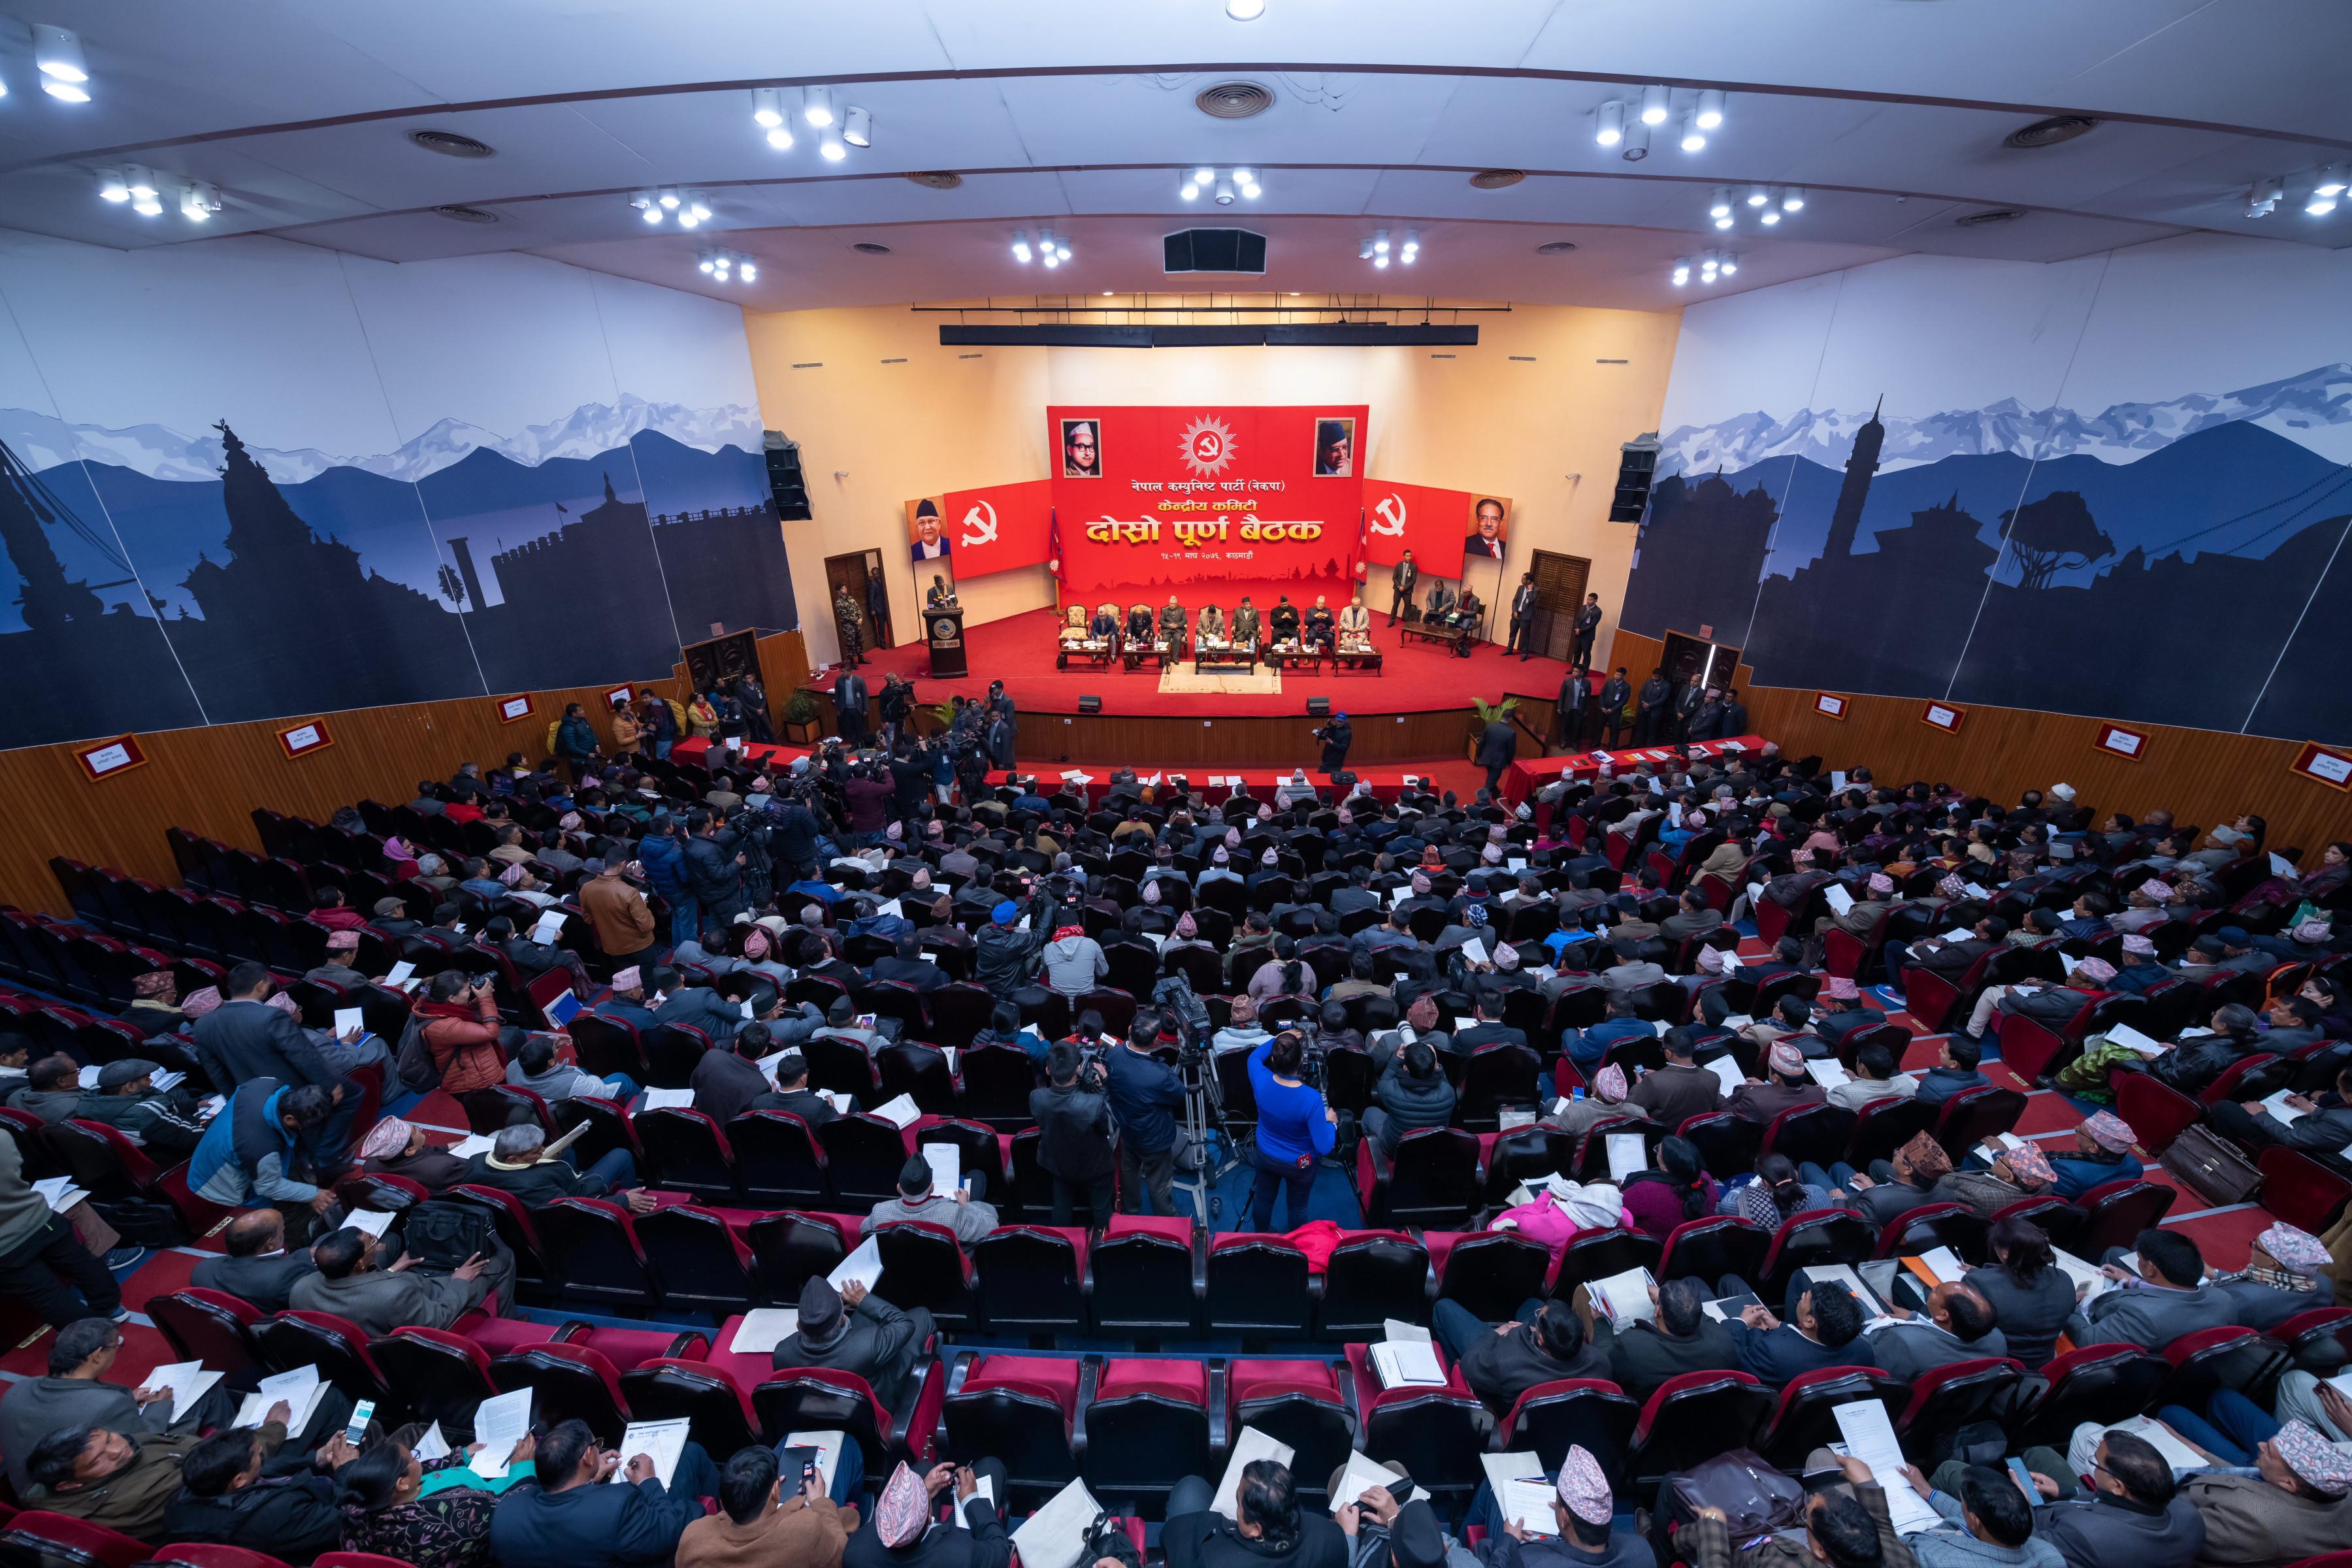 नेकपाको बुधबार सुरू केन्द्रीय कमिटी बैठक। तस्बिर: प्रधानमन्त्री सचिवालय